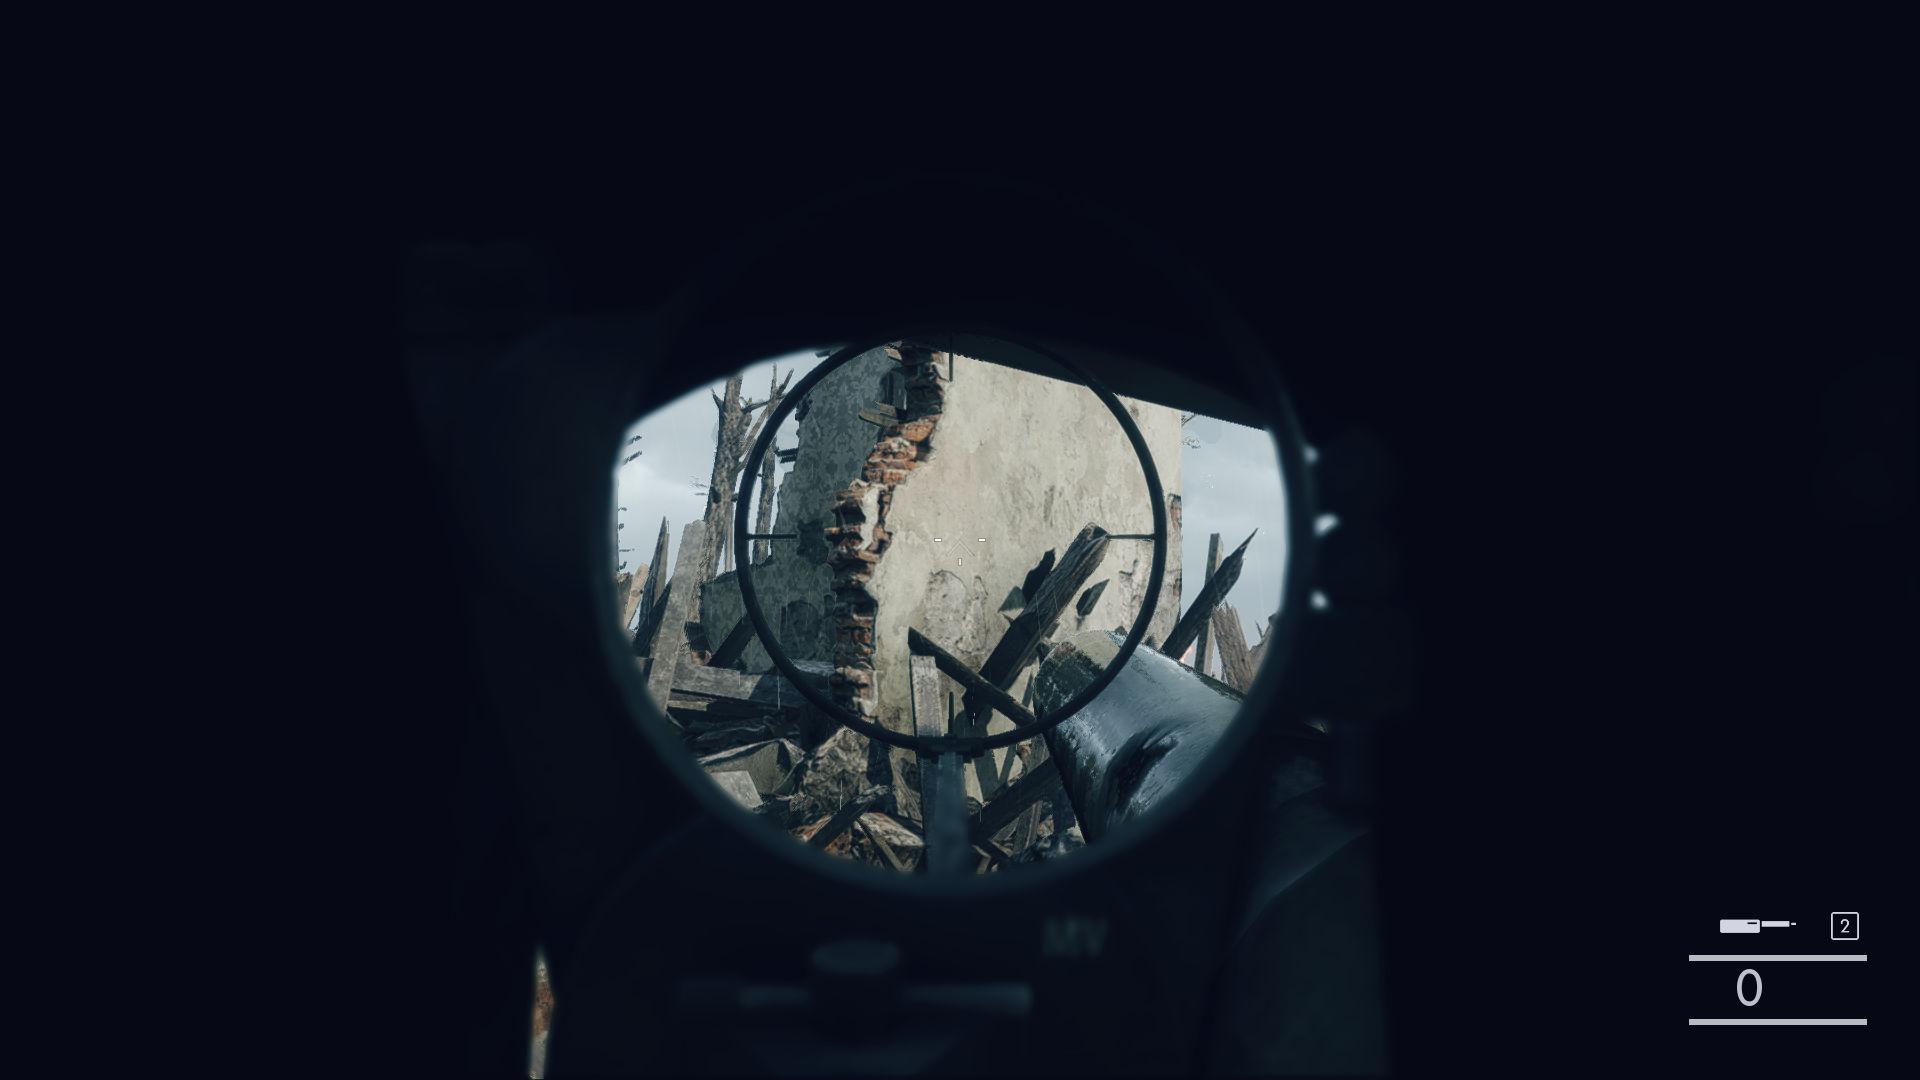 수정됨_Battlefield 1 2016.10.13 - 19.21.38.11.jpg